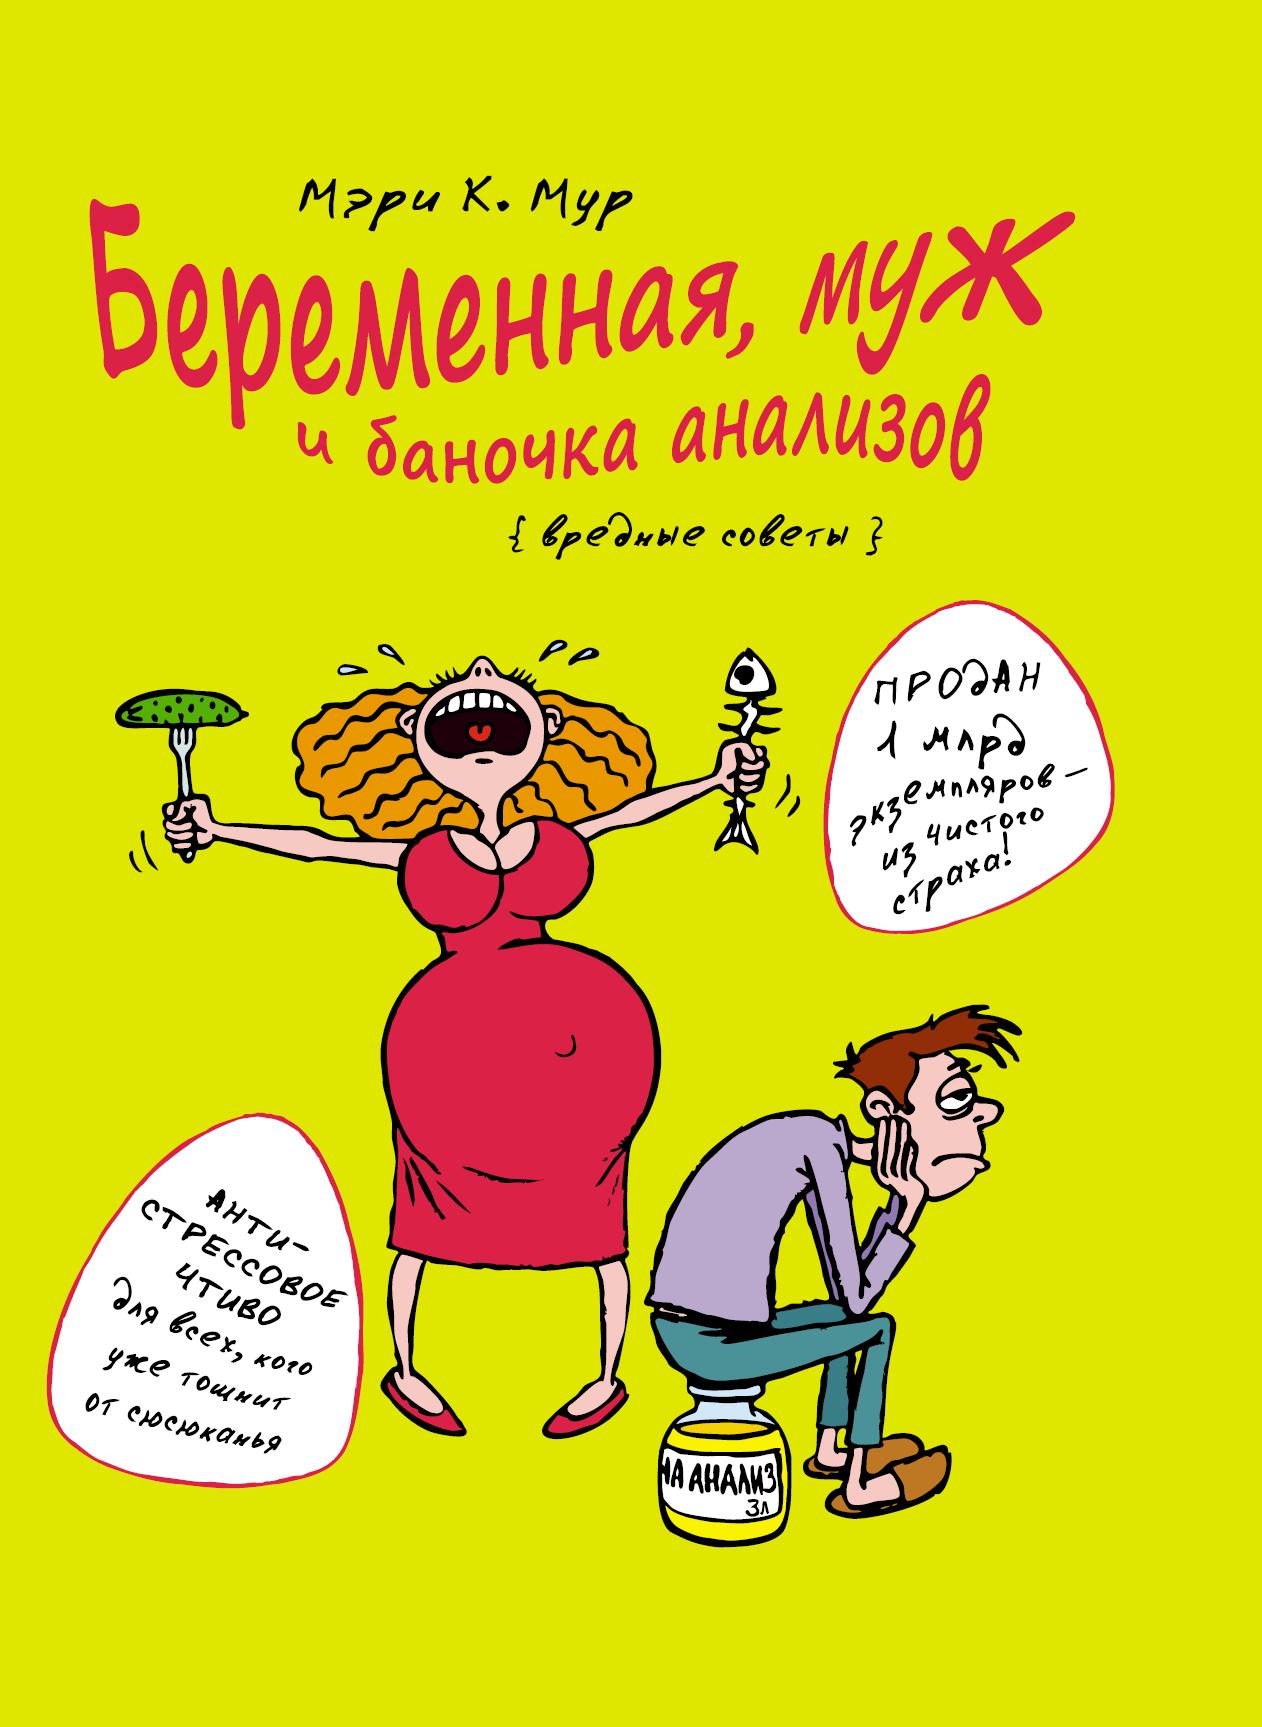 Беременная, муж и баночка анализов ( Мур М.  )